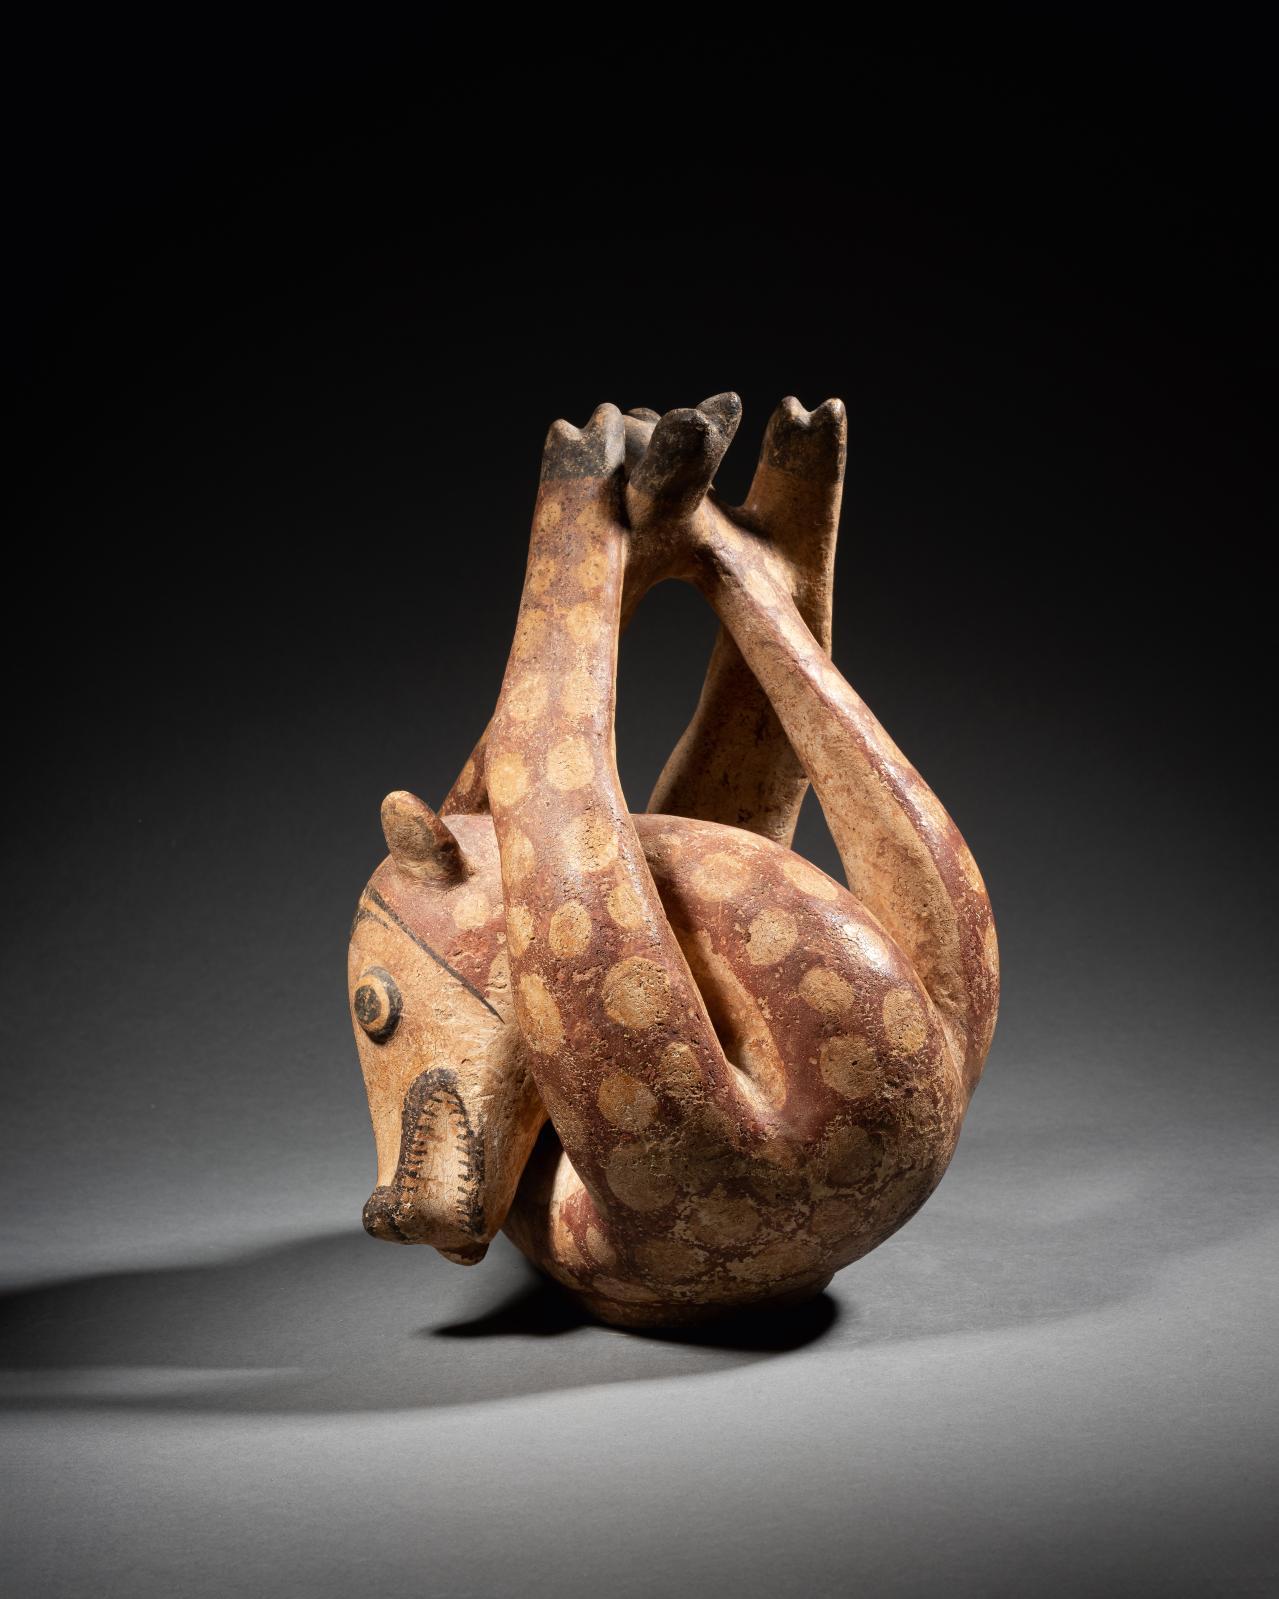 Panama, culture Coclé, 700-850. Vase en forme de cervidé aux pattes liées, céramique polychrome, 24x15x19cm. Estimation: 12000/150